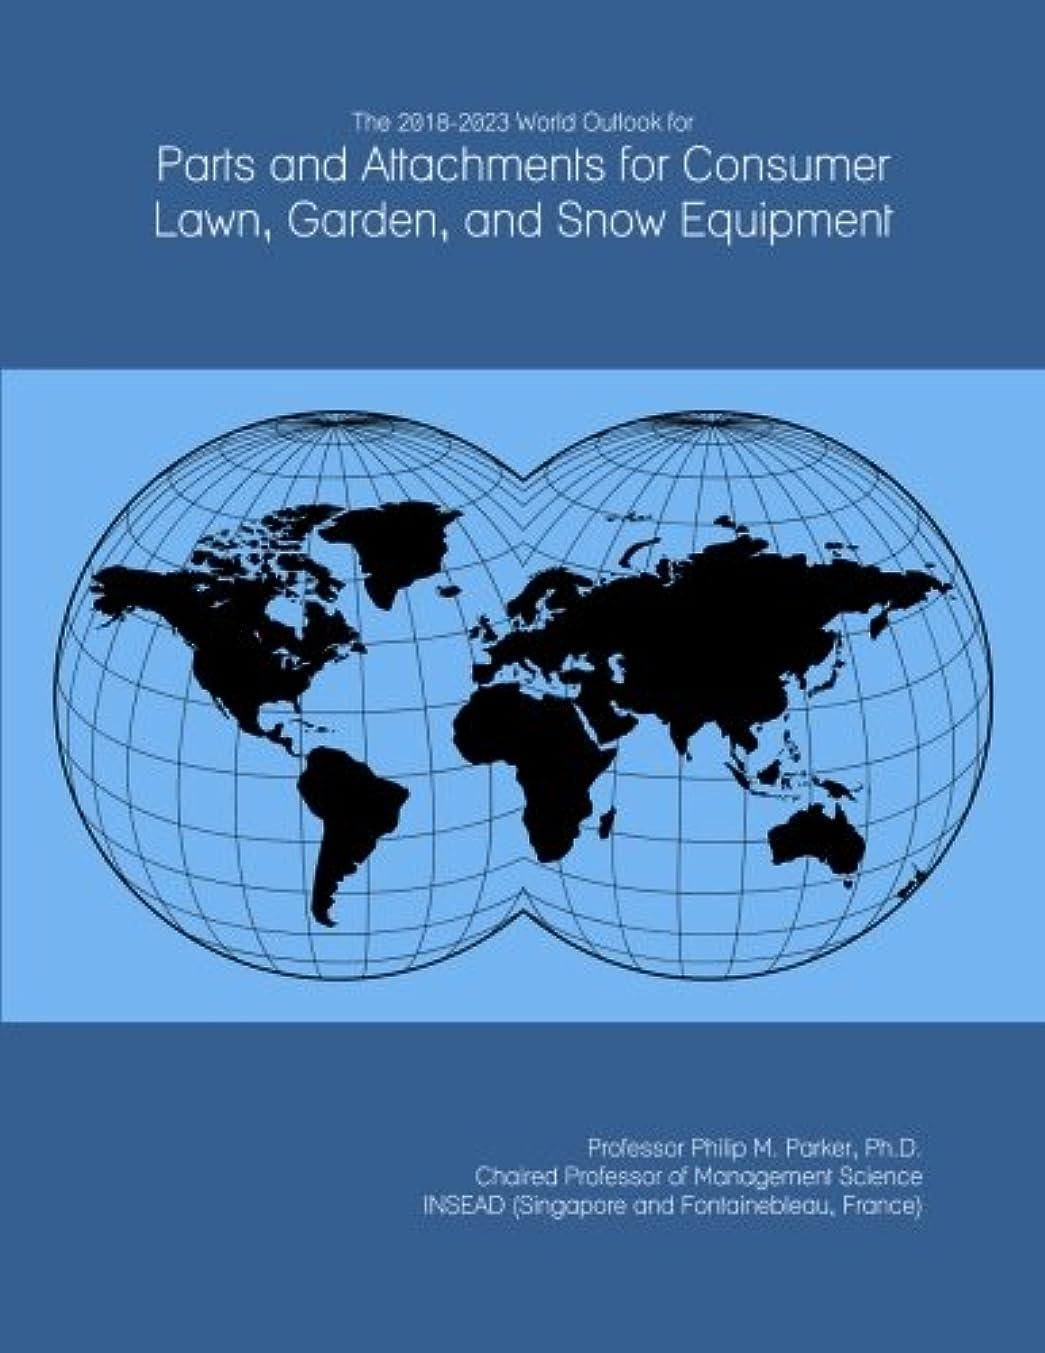 発疹瞳店員The 2018-2023 World Outlook for Parts and Attachments for Consumer Lawn, Garden, and Snow Equipment